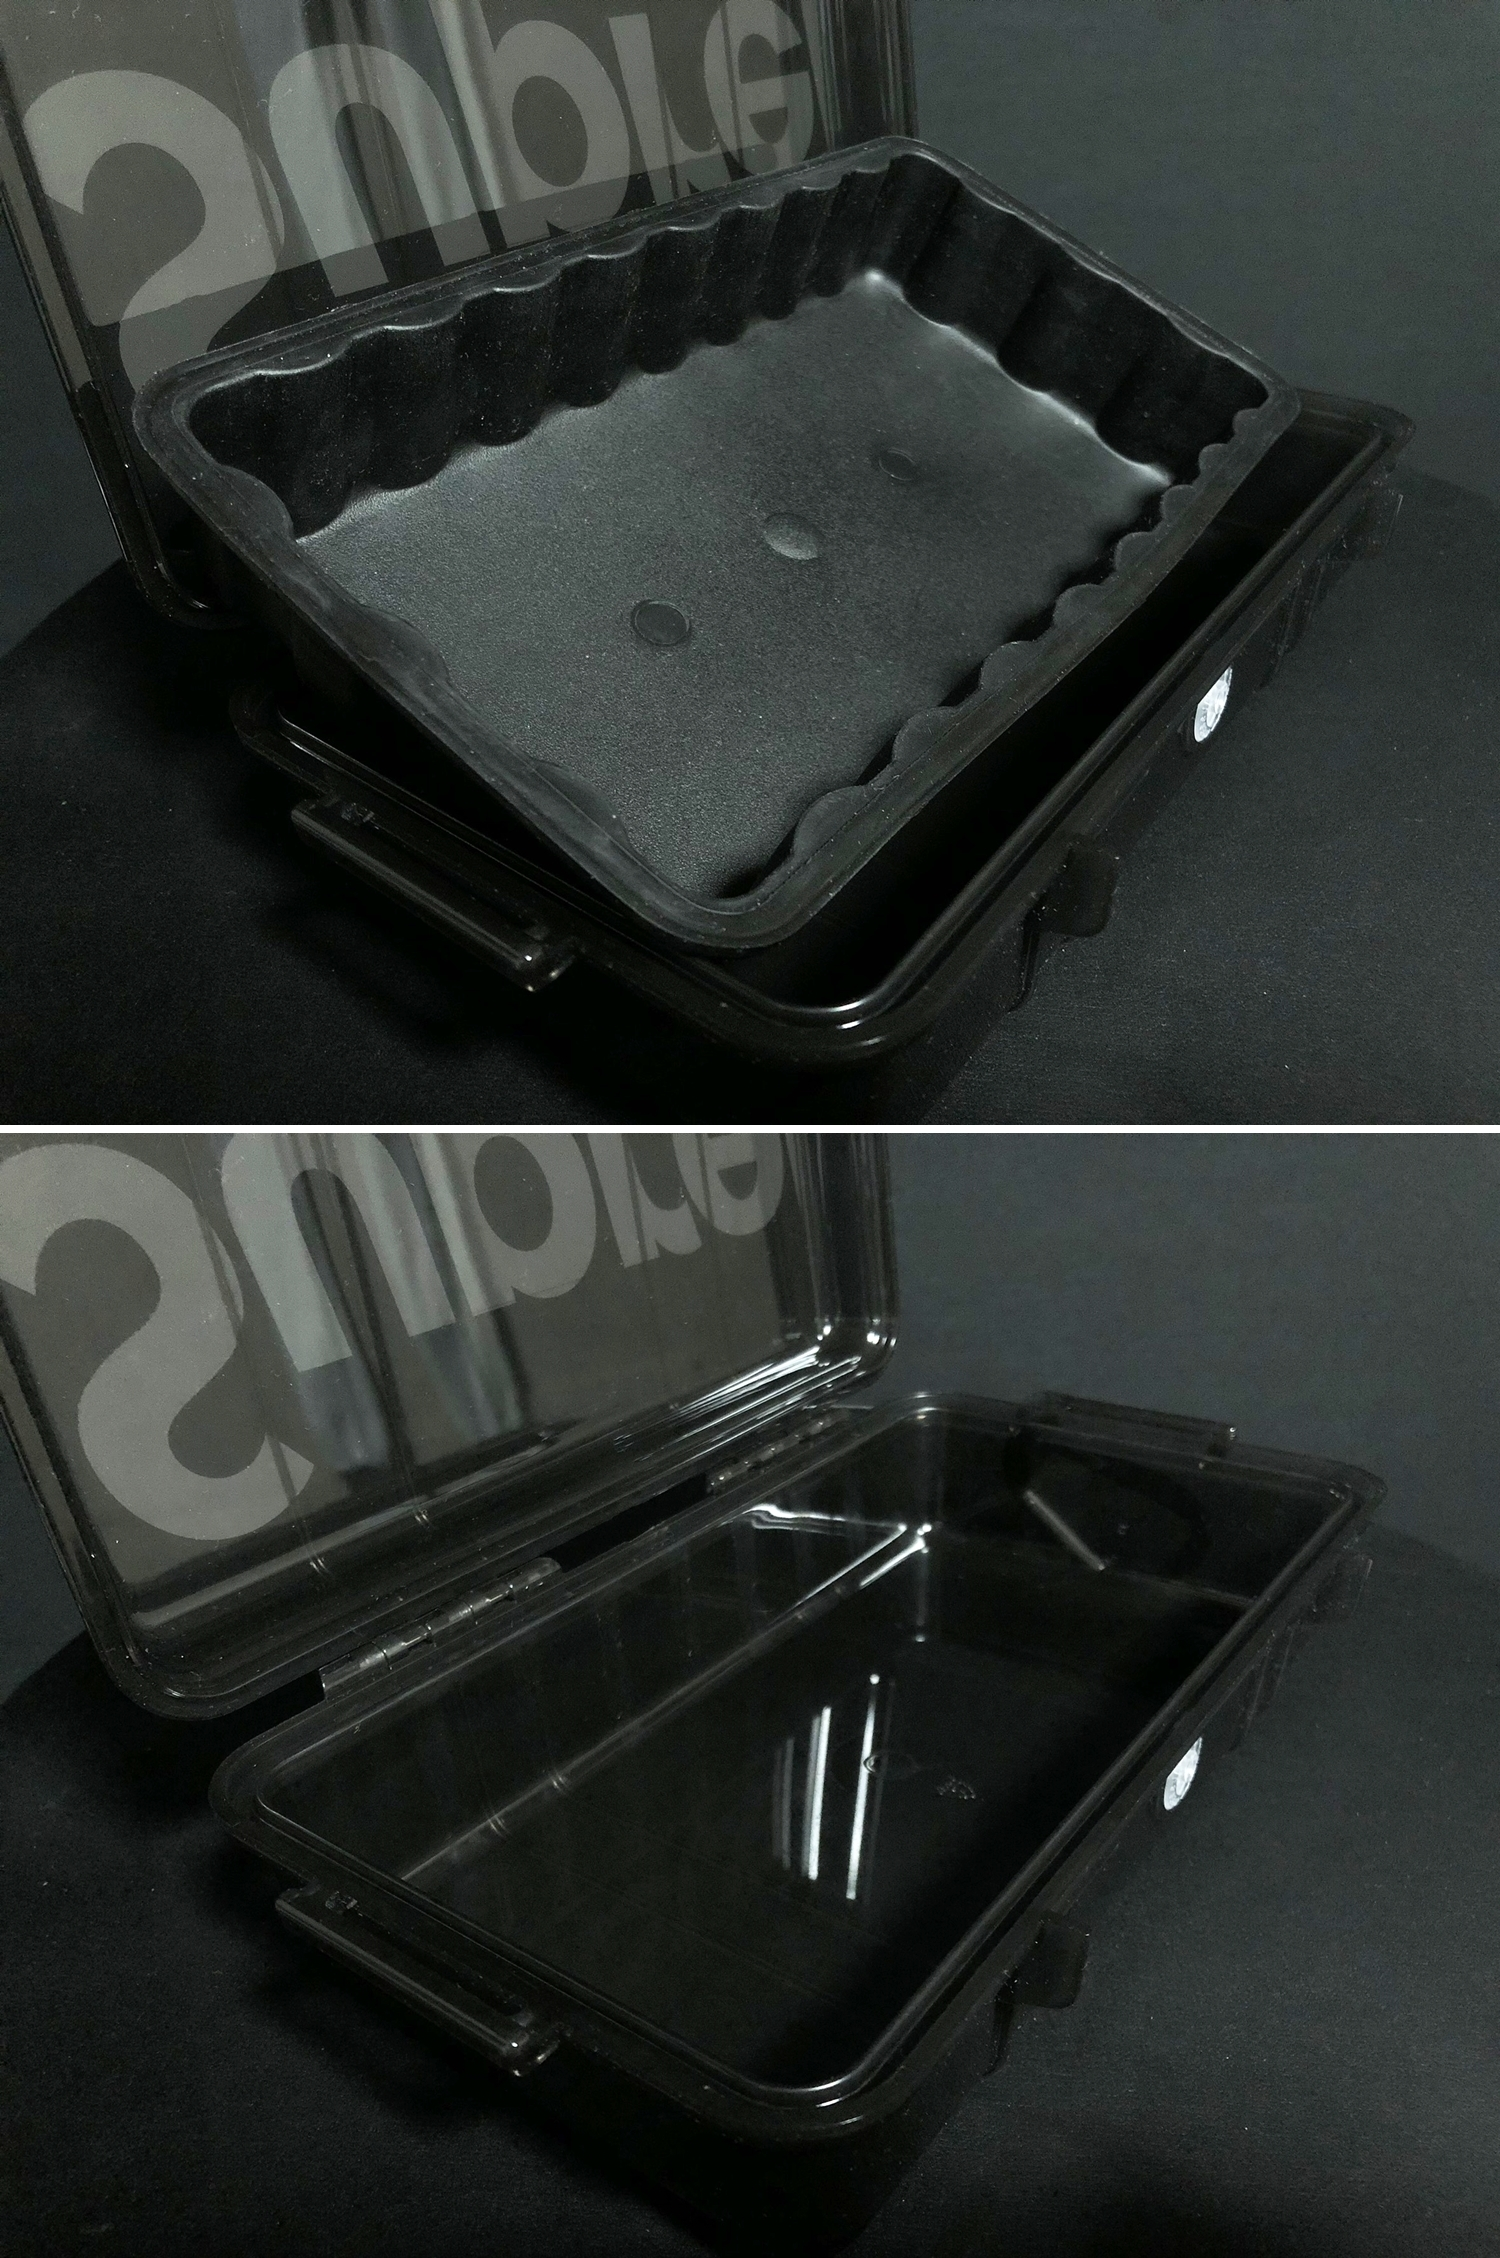 3 SUPREME × PELICAN 1060 CASE URETHANE FOAM DIY PROJECT CUSTOM シュアファイア シュプリーム ペリカン ハードケース ウレタンフォーム カスタム